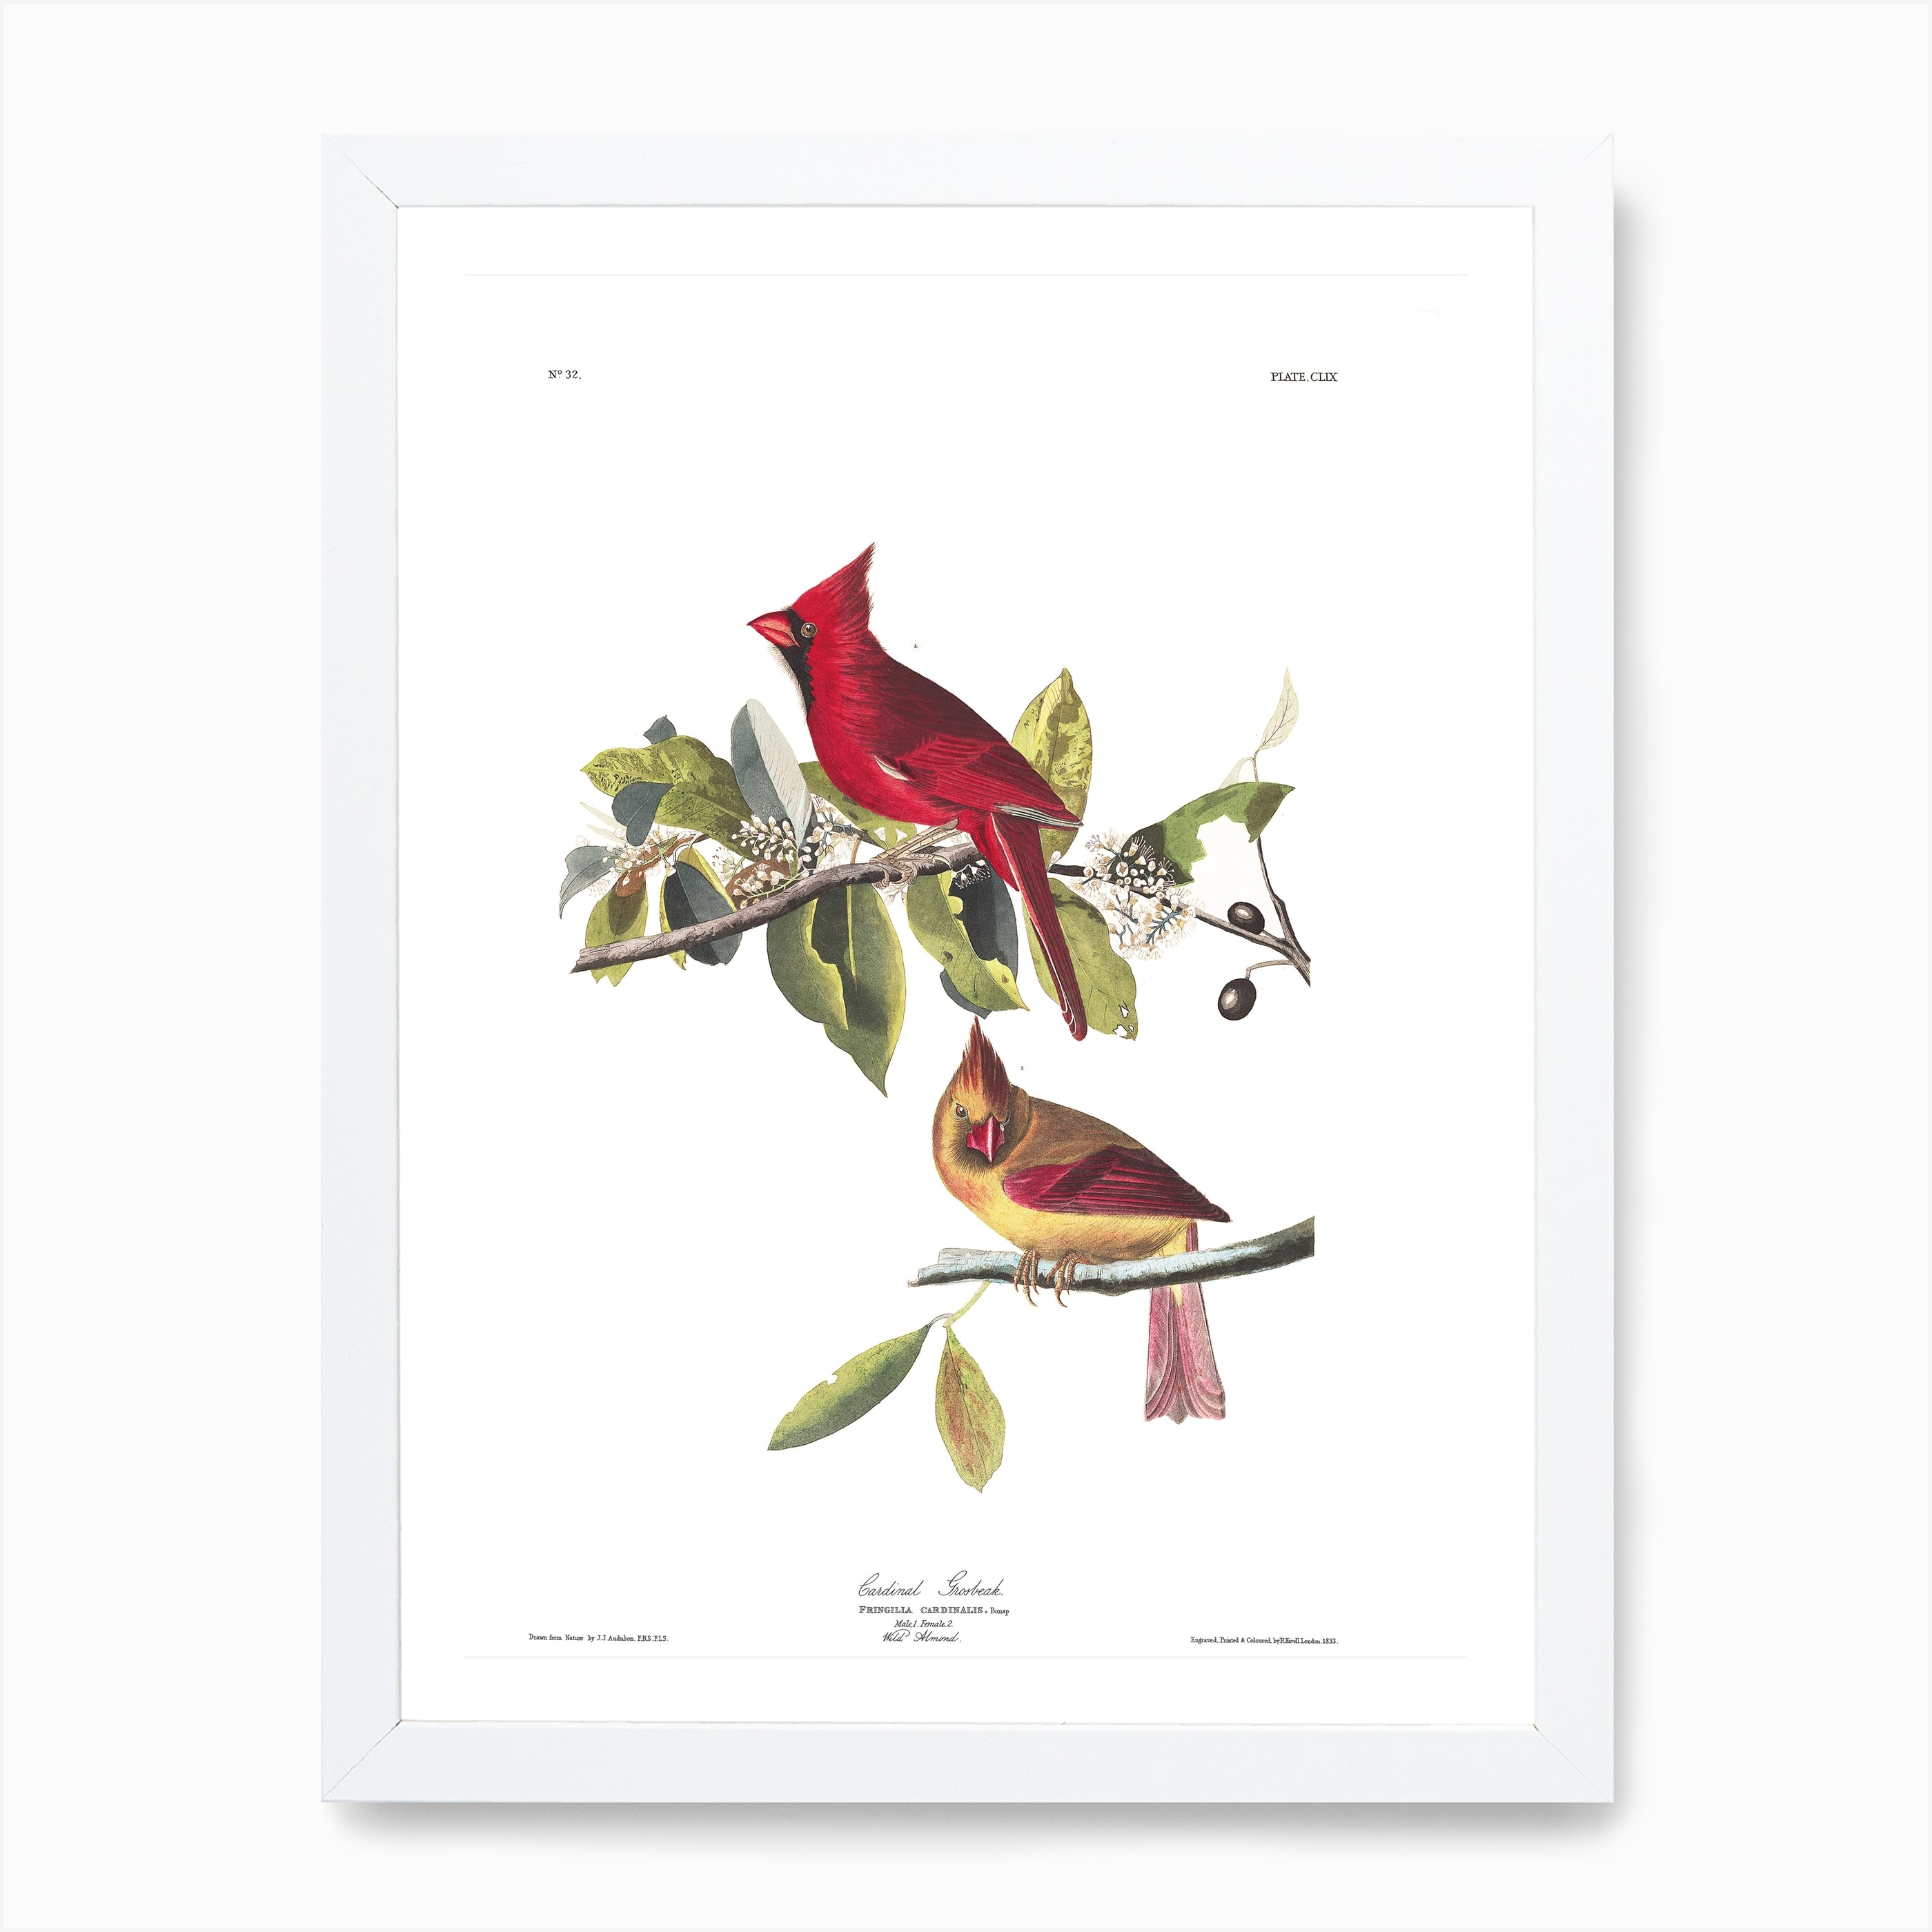 Cardinal Grosbeak Art Print By John James Audubon Fy